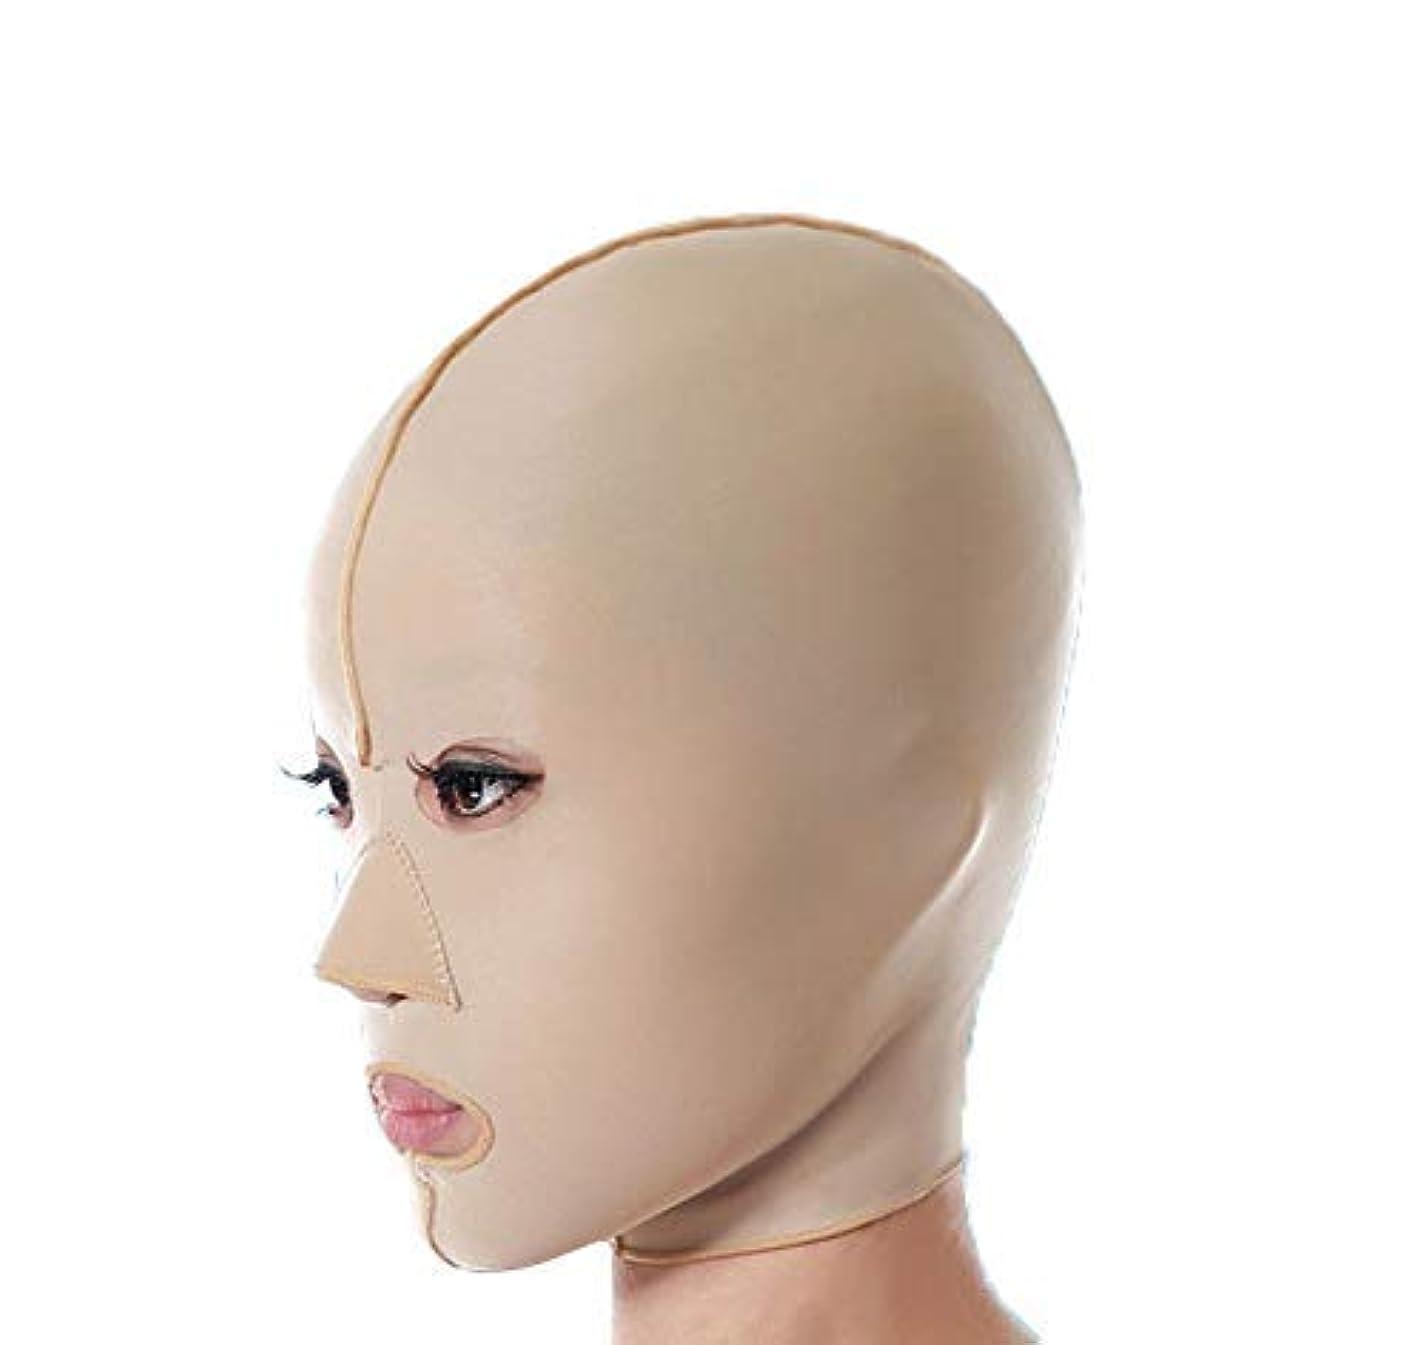 同僚スリッパ重要性ファーミングフェイスマスク、フェイシャルマスク医学強力なフェイスマスクアーティファクト美容垂れ防止法パターンフェイシャルリフティングファーミングフルフェイスマスク(サイズ:M),M